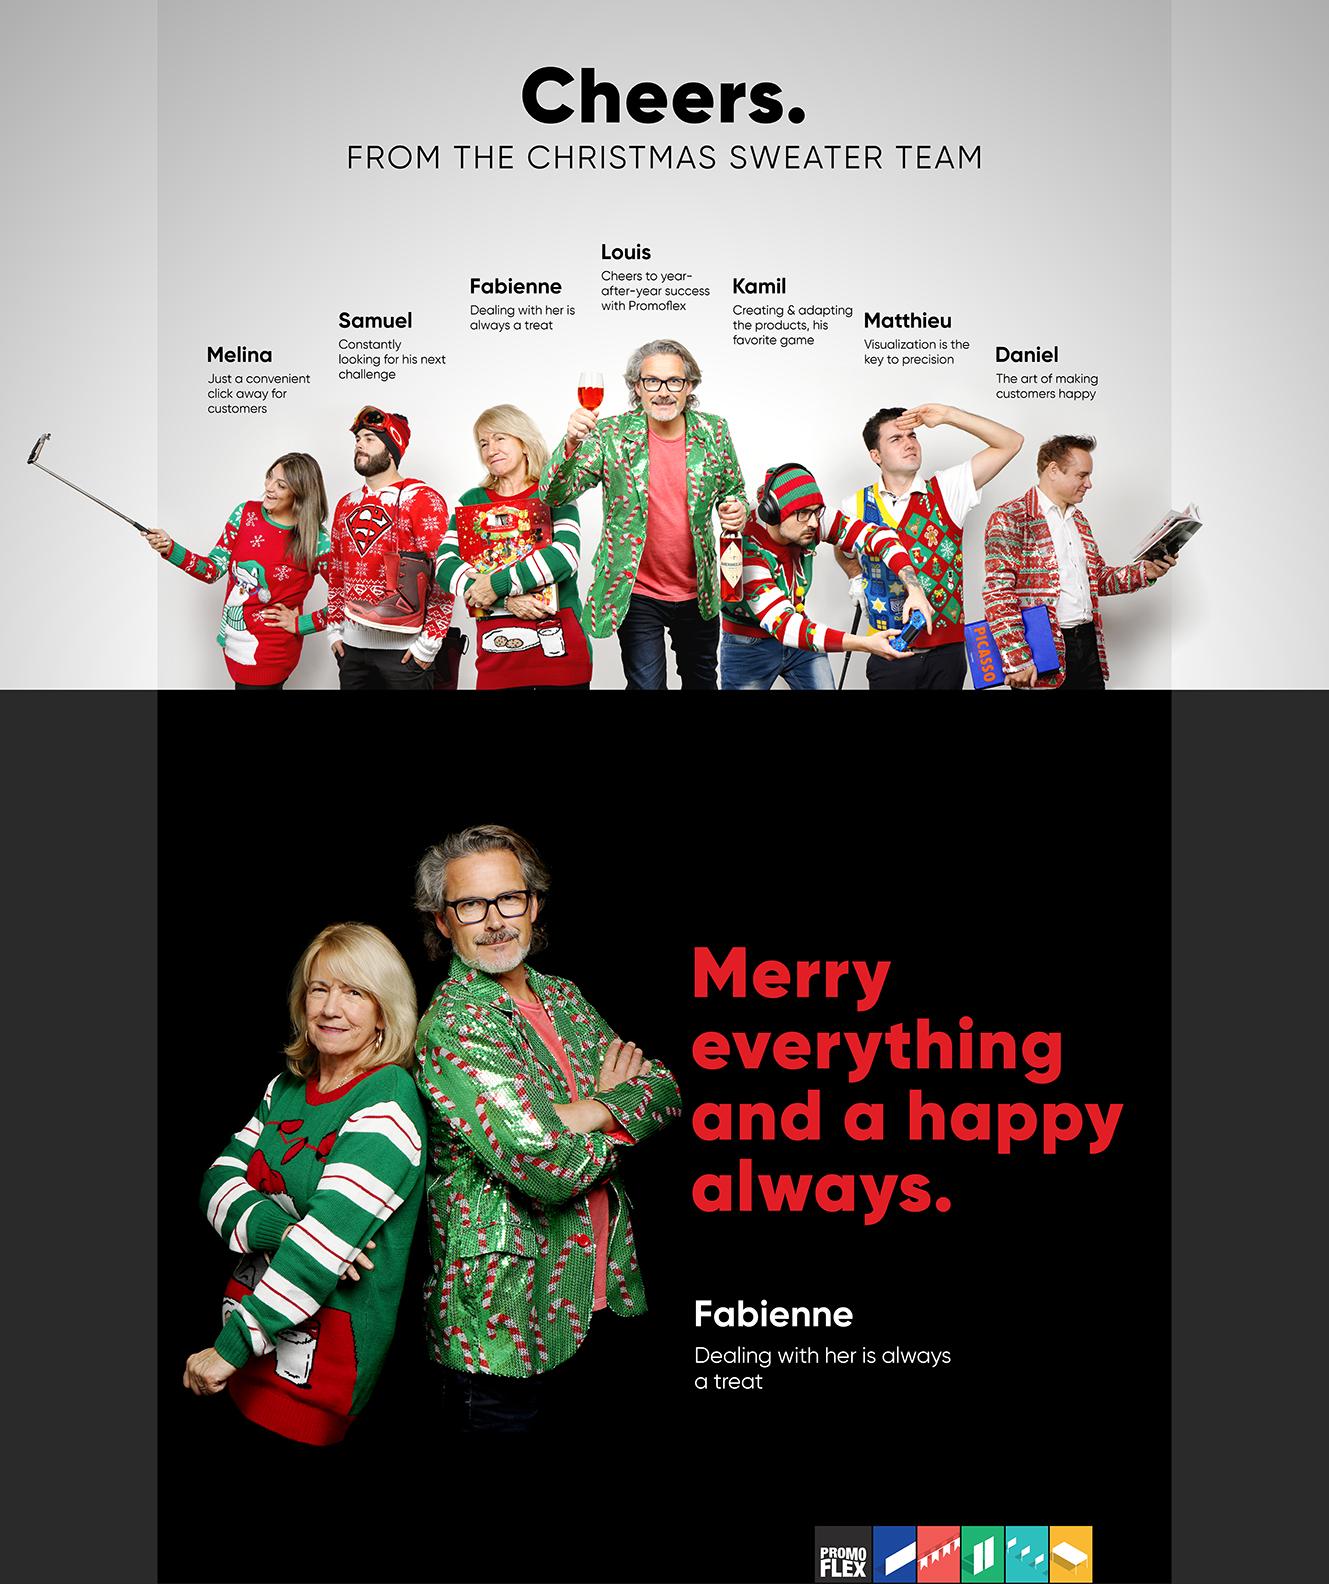 Holiday_sending_2018_grp_fabienne_en.jpg (981 KB)